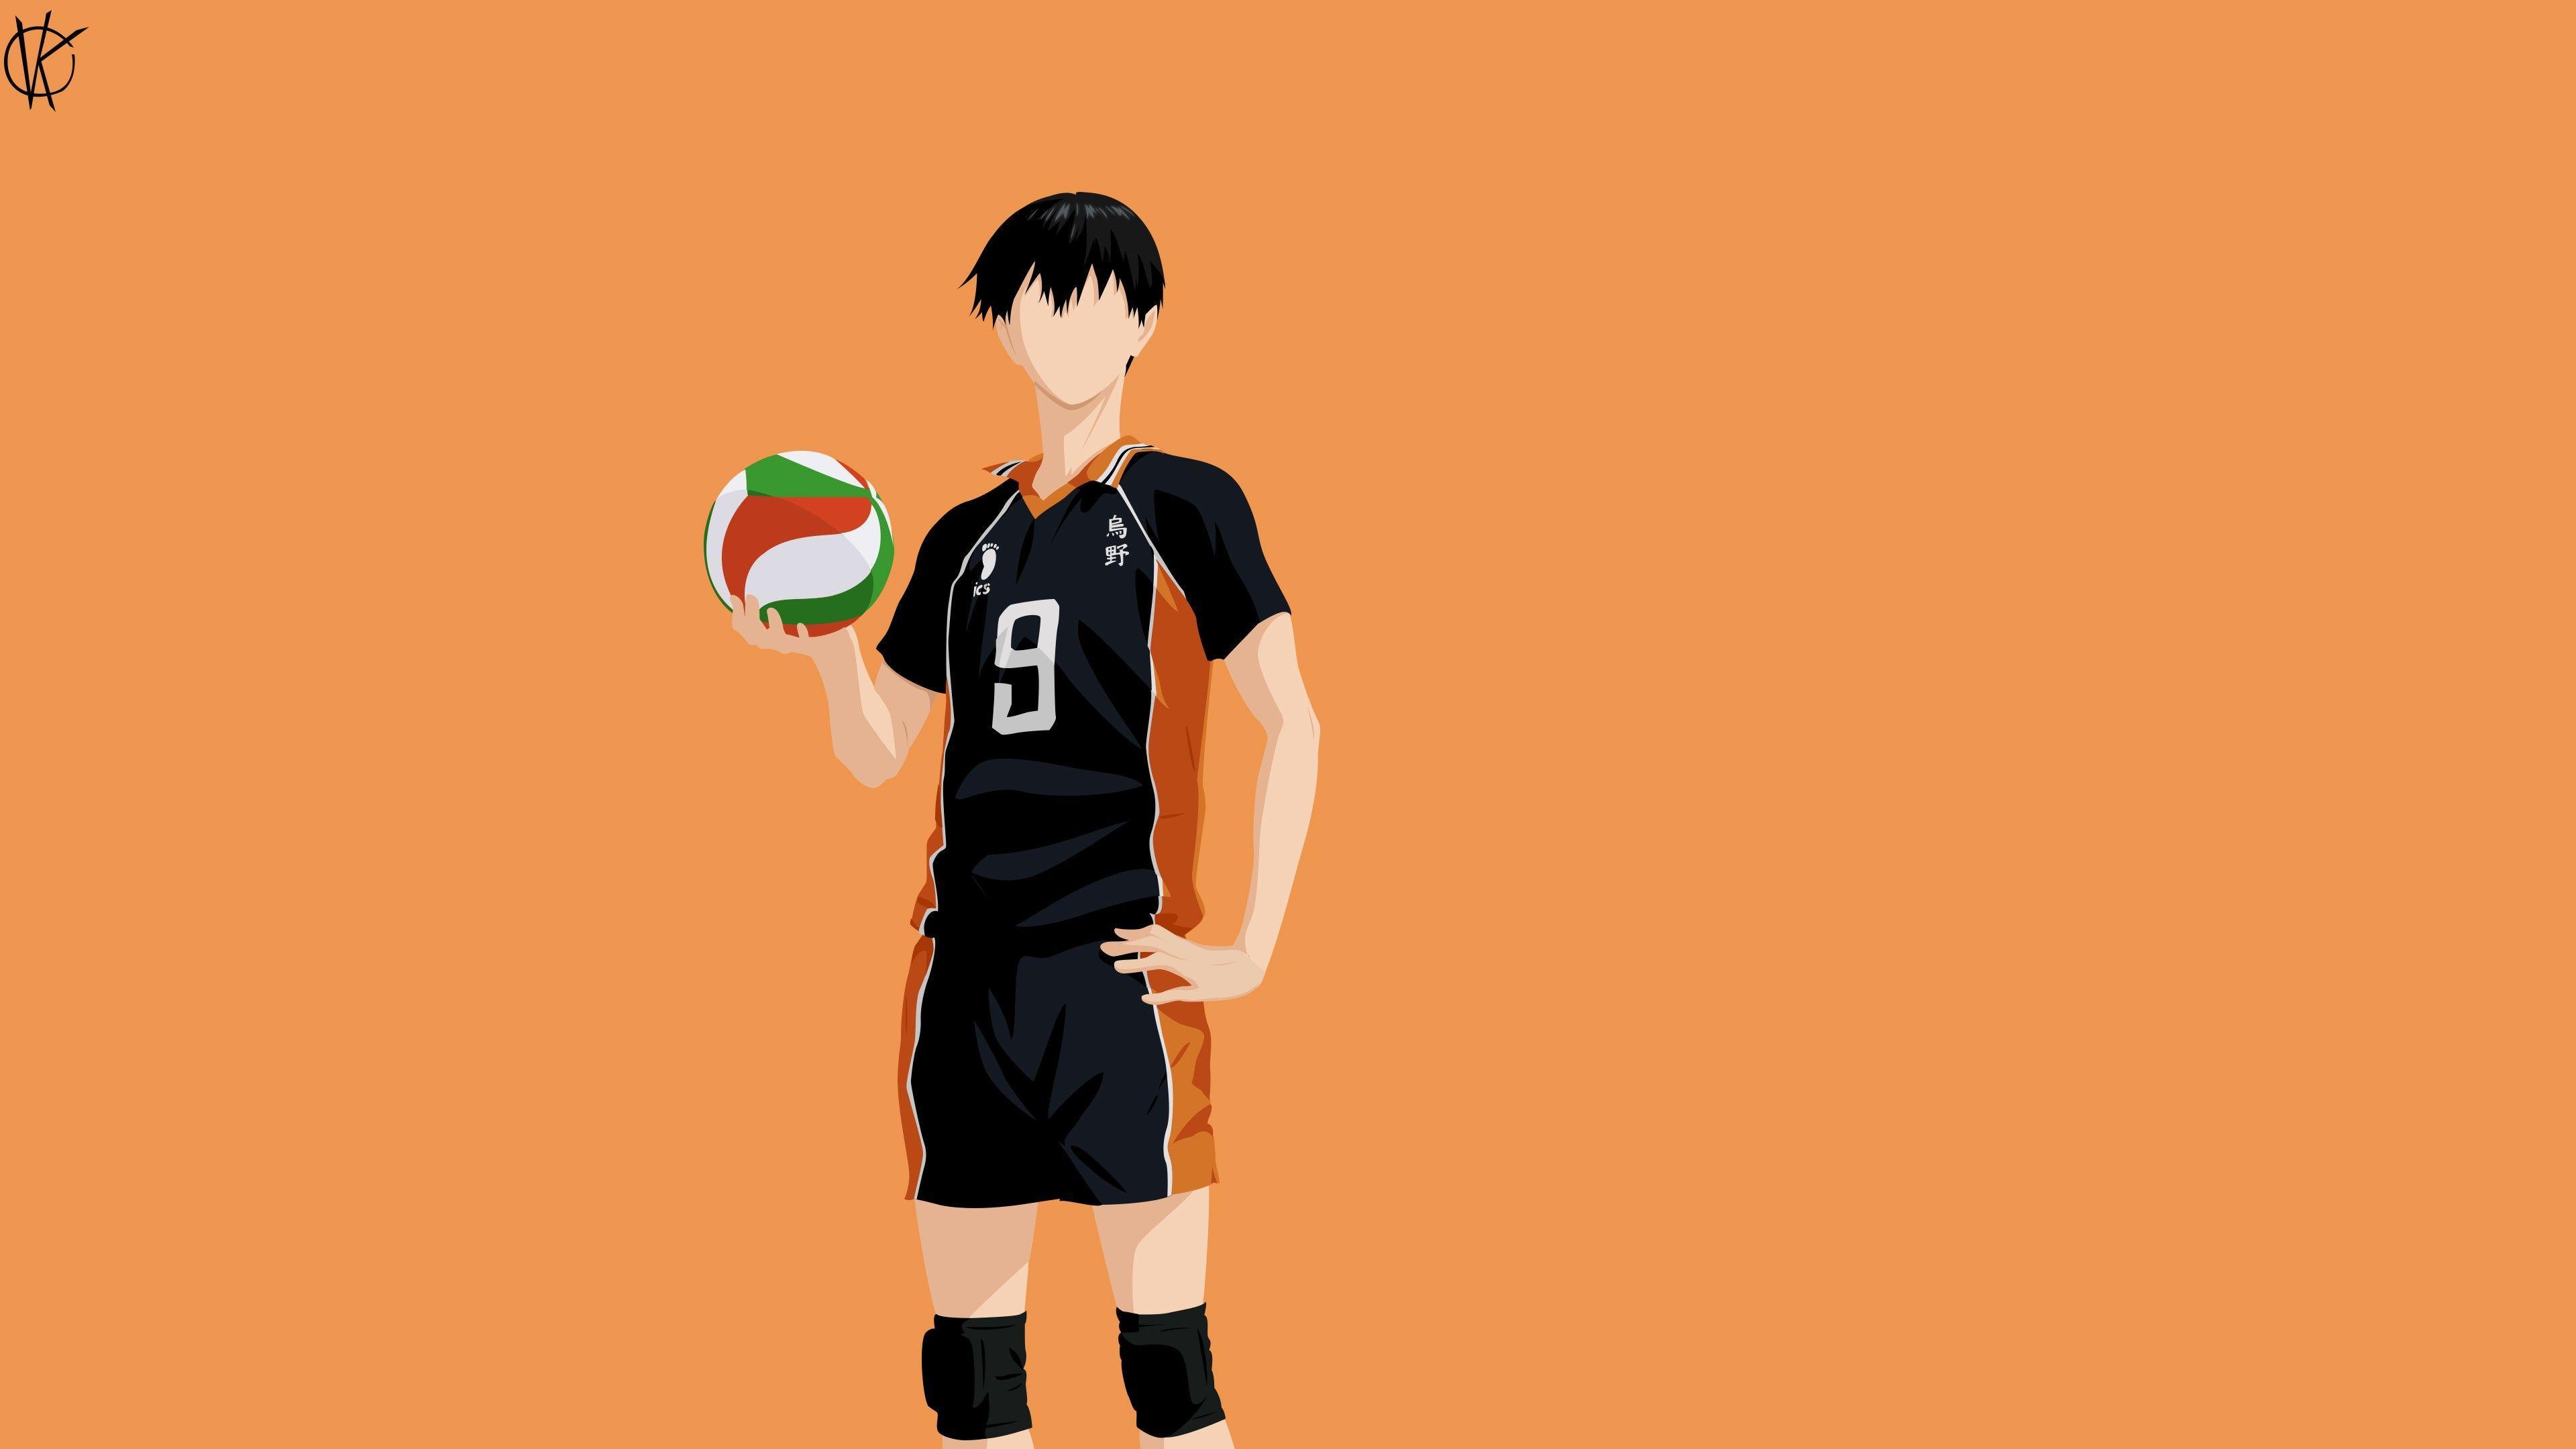 Hình nền Anime HD 3840x2160 Haikyu Tobio Kageyama 4K 5K